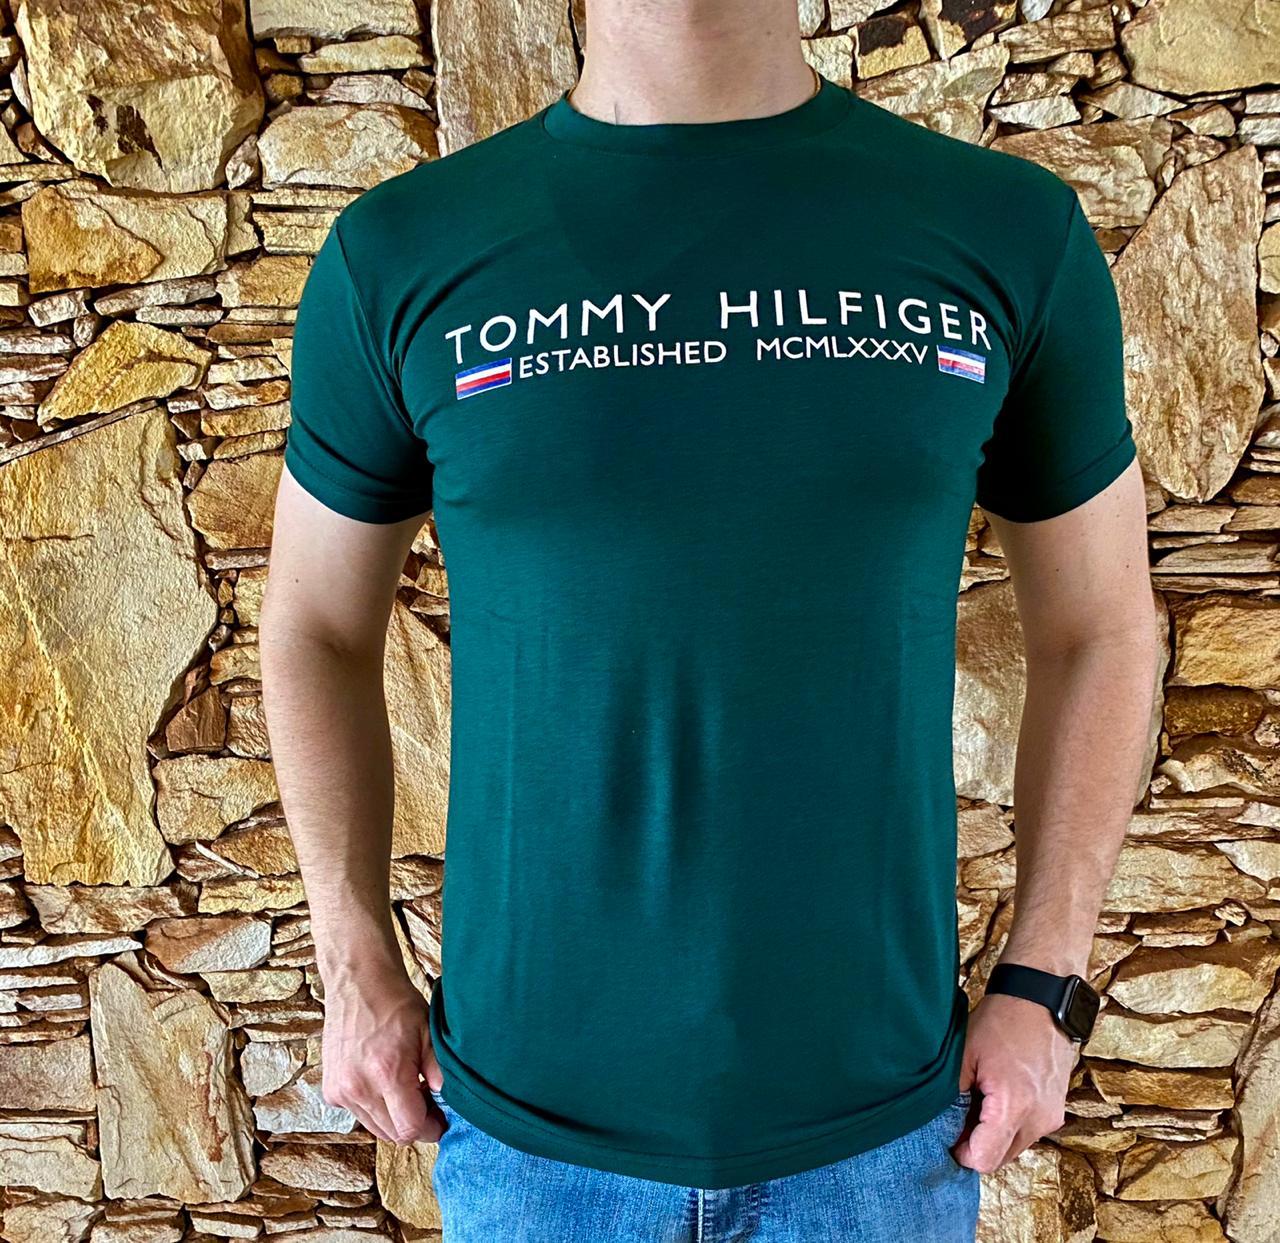 Camiseta Masculina Tommy Hilfiger Algodão Estampada - Verde